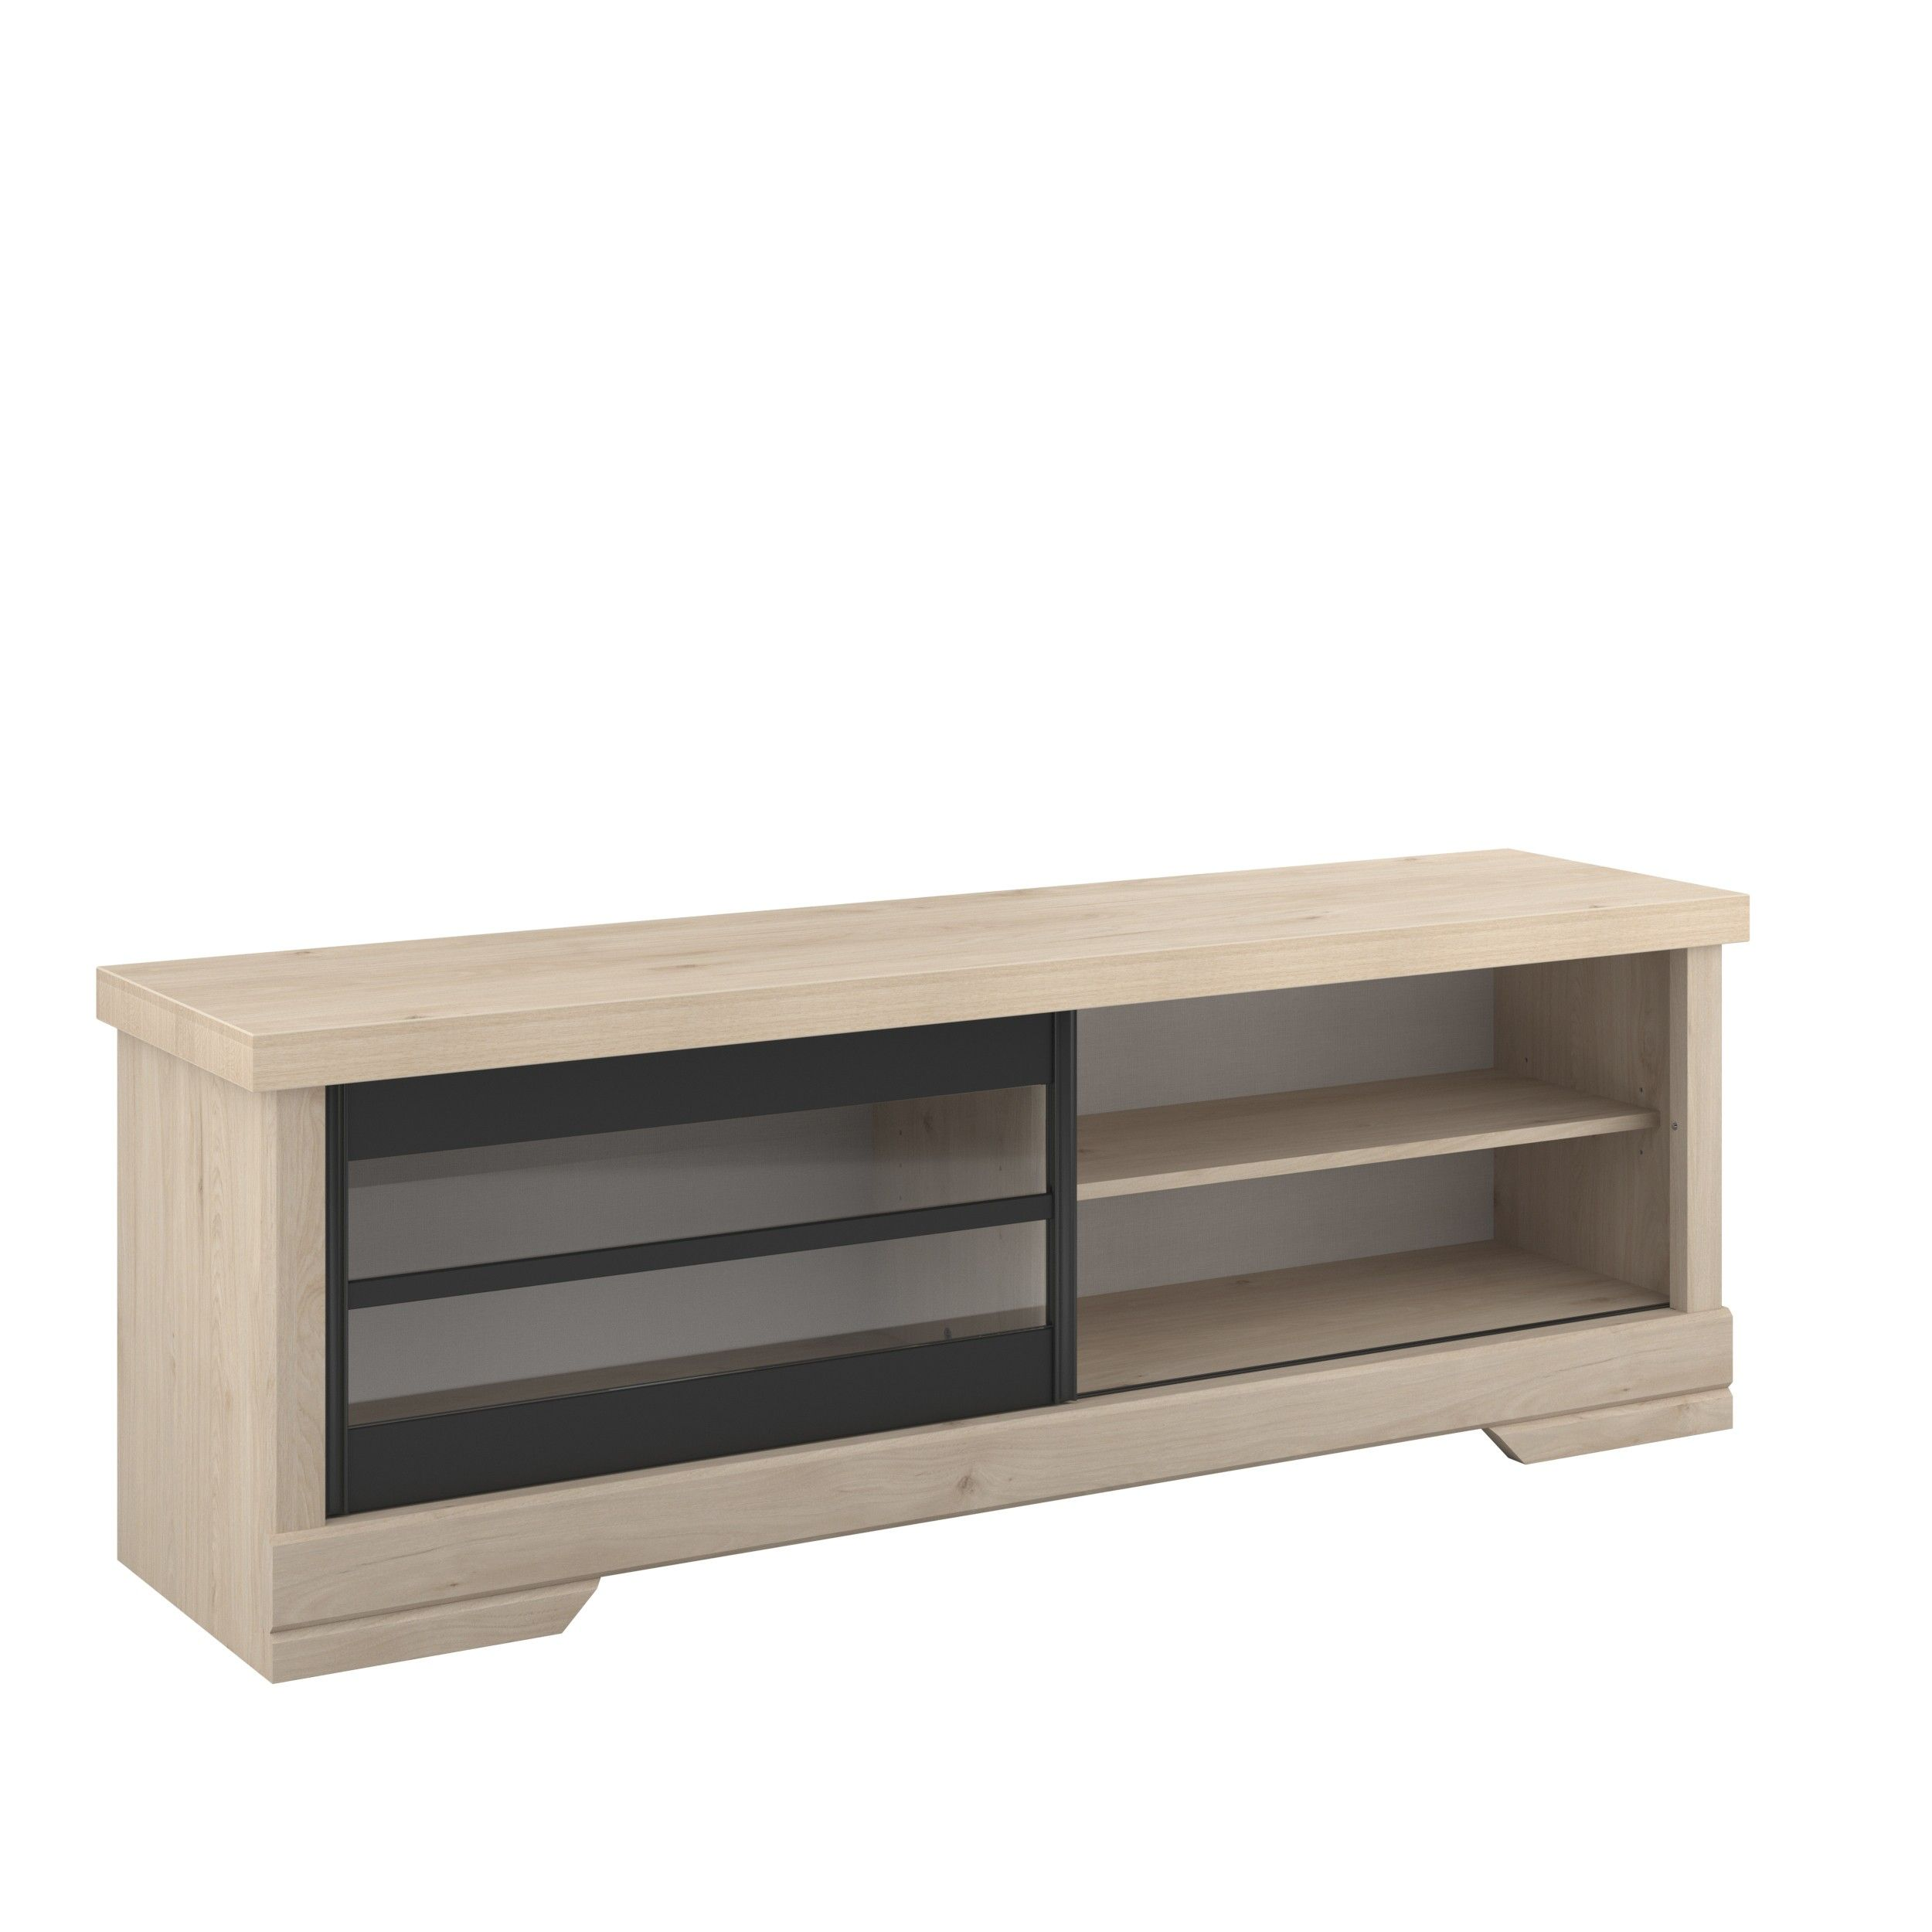 meuble tv vanessa 158cm avec porte coulissante chene